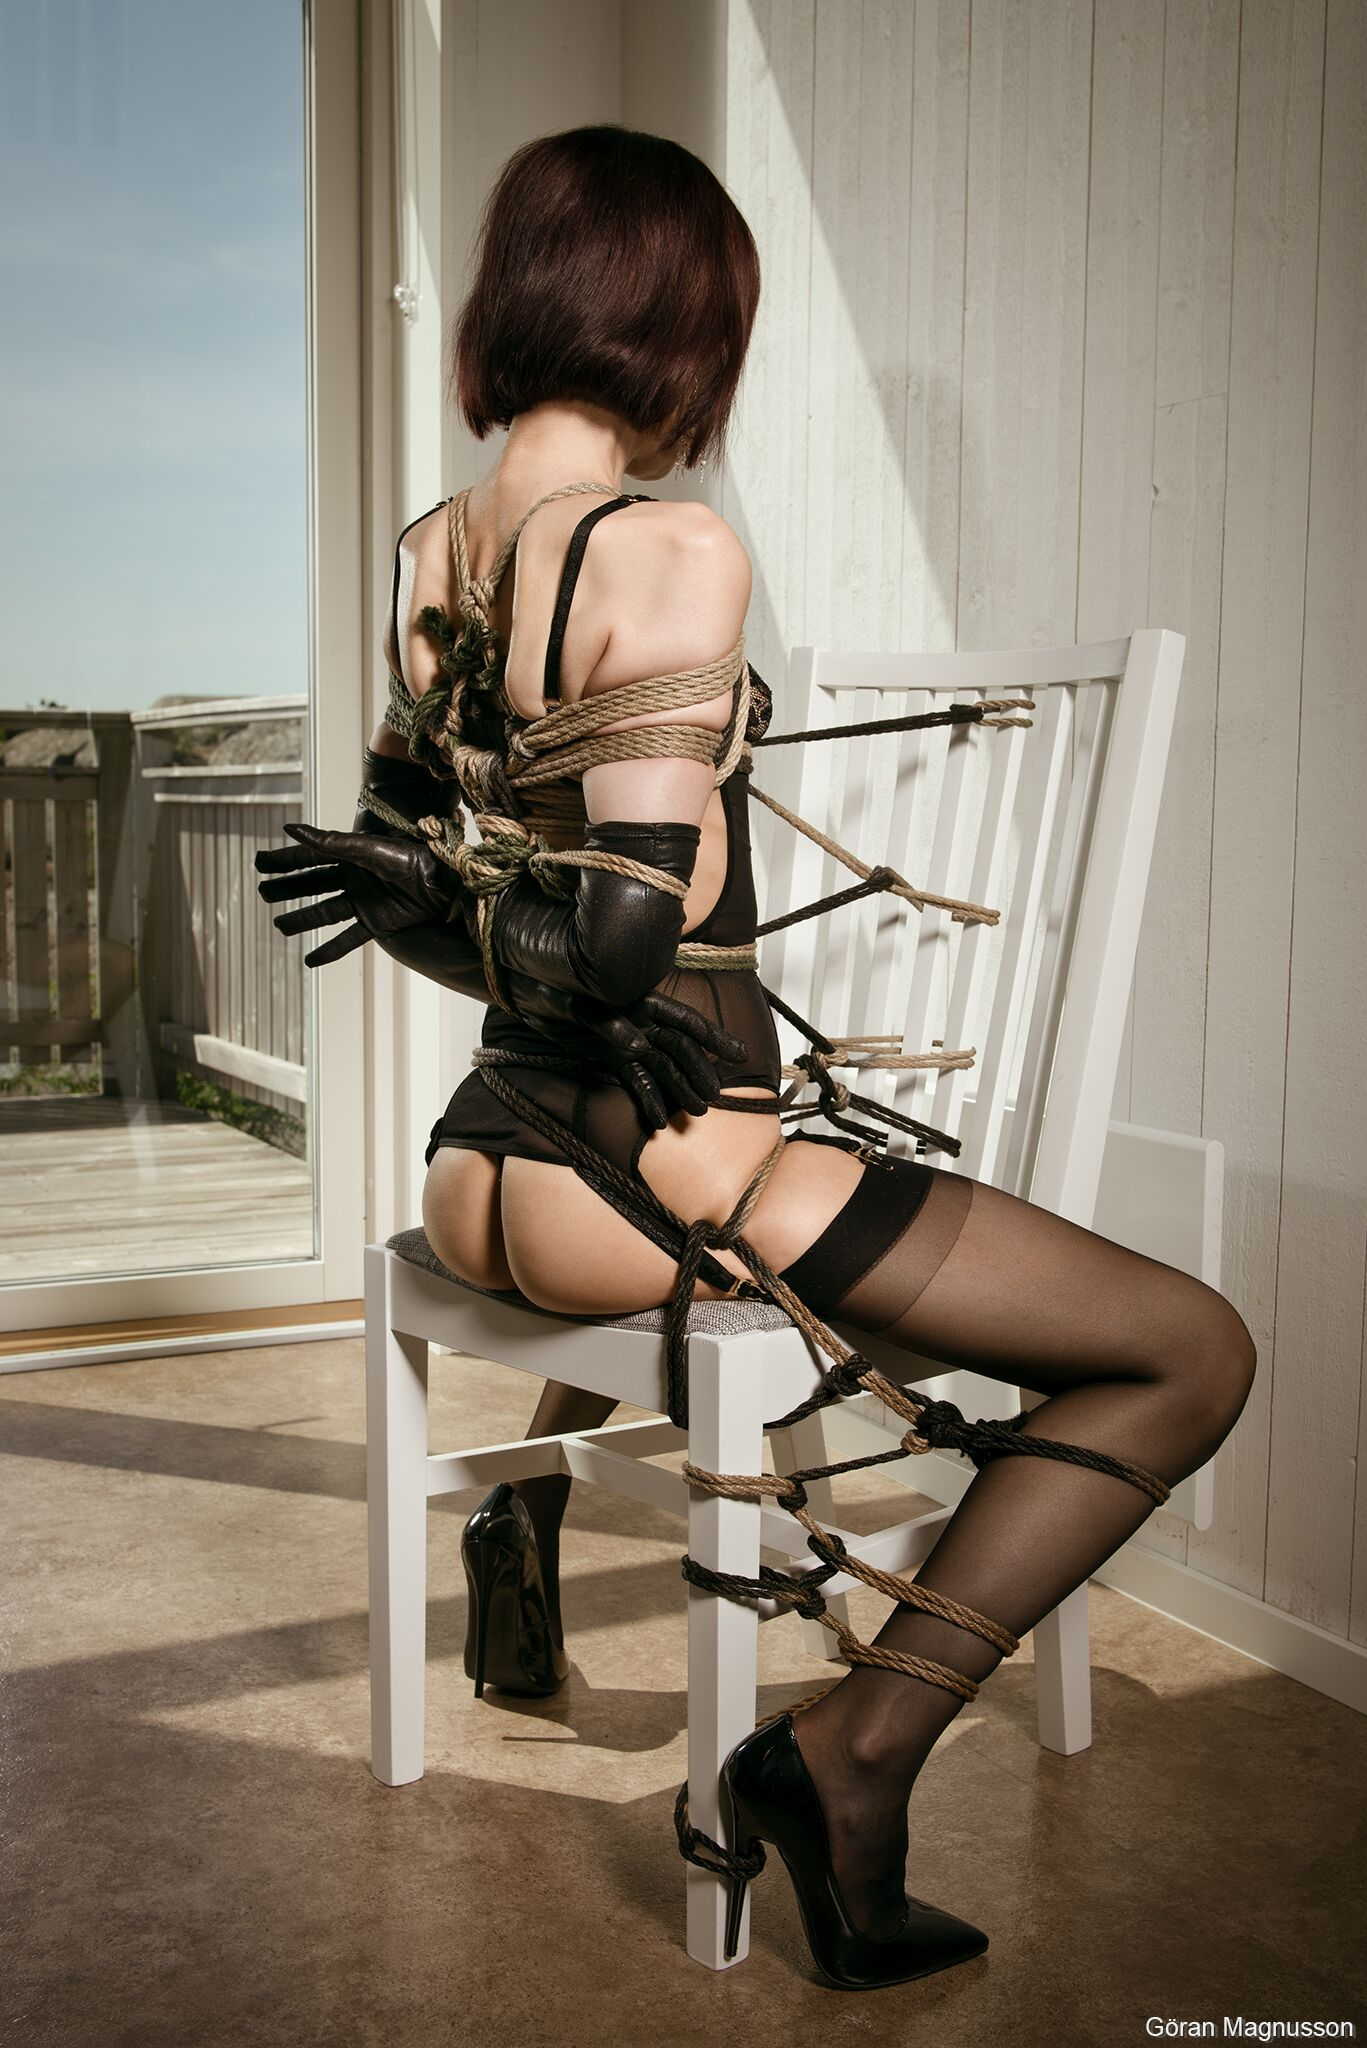 Chairbound